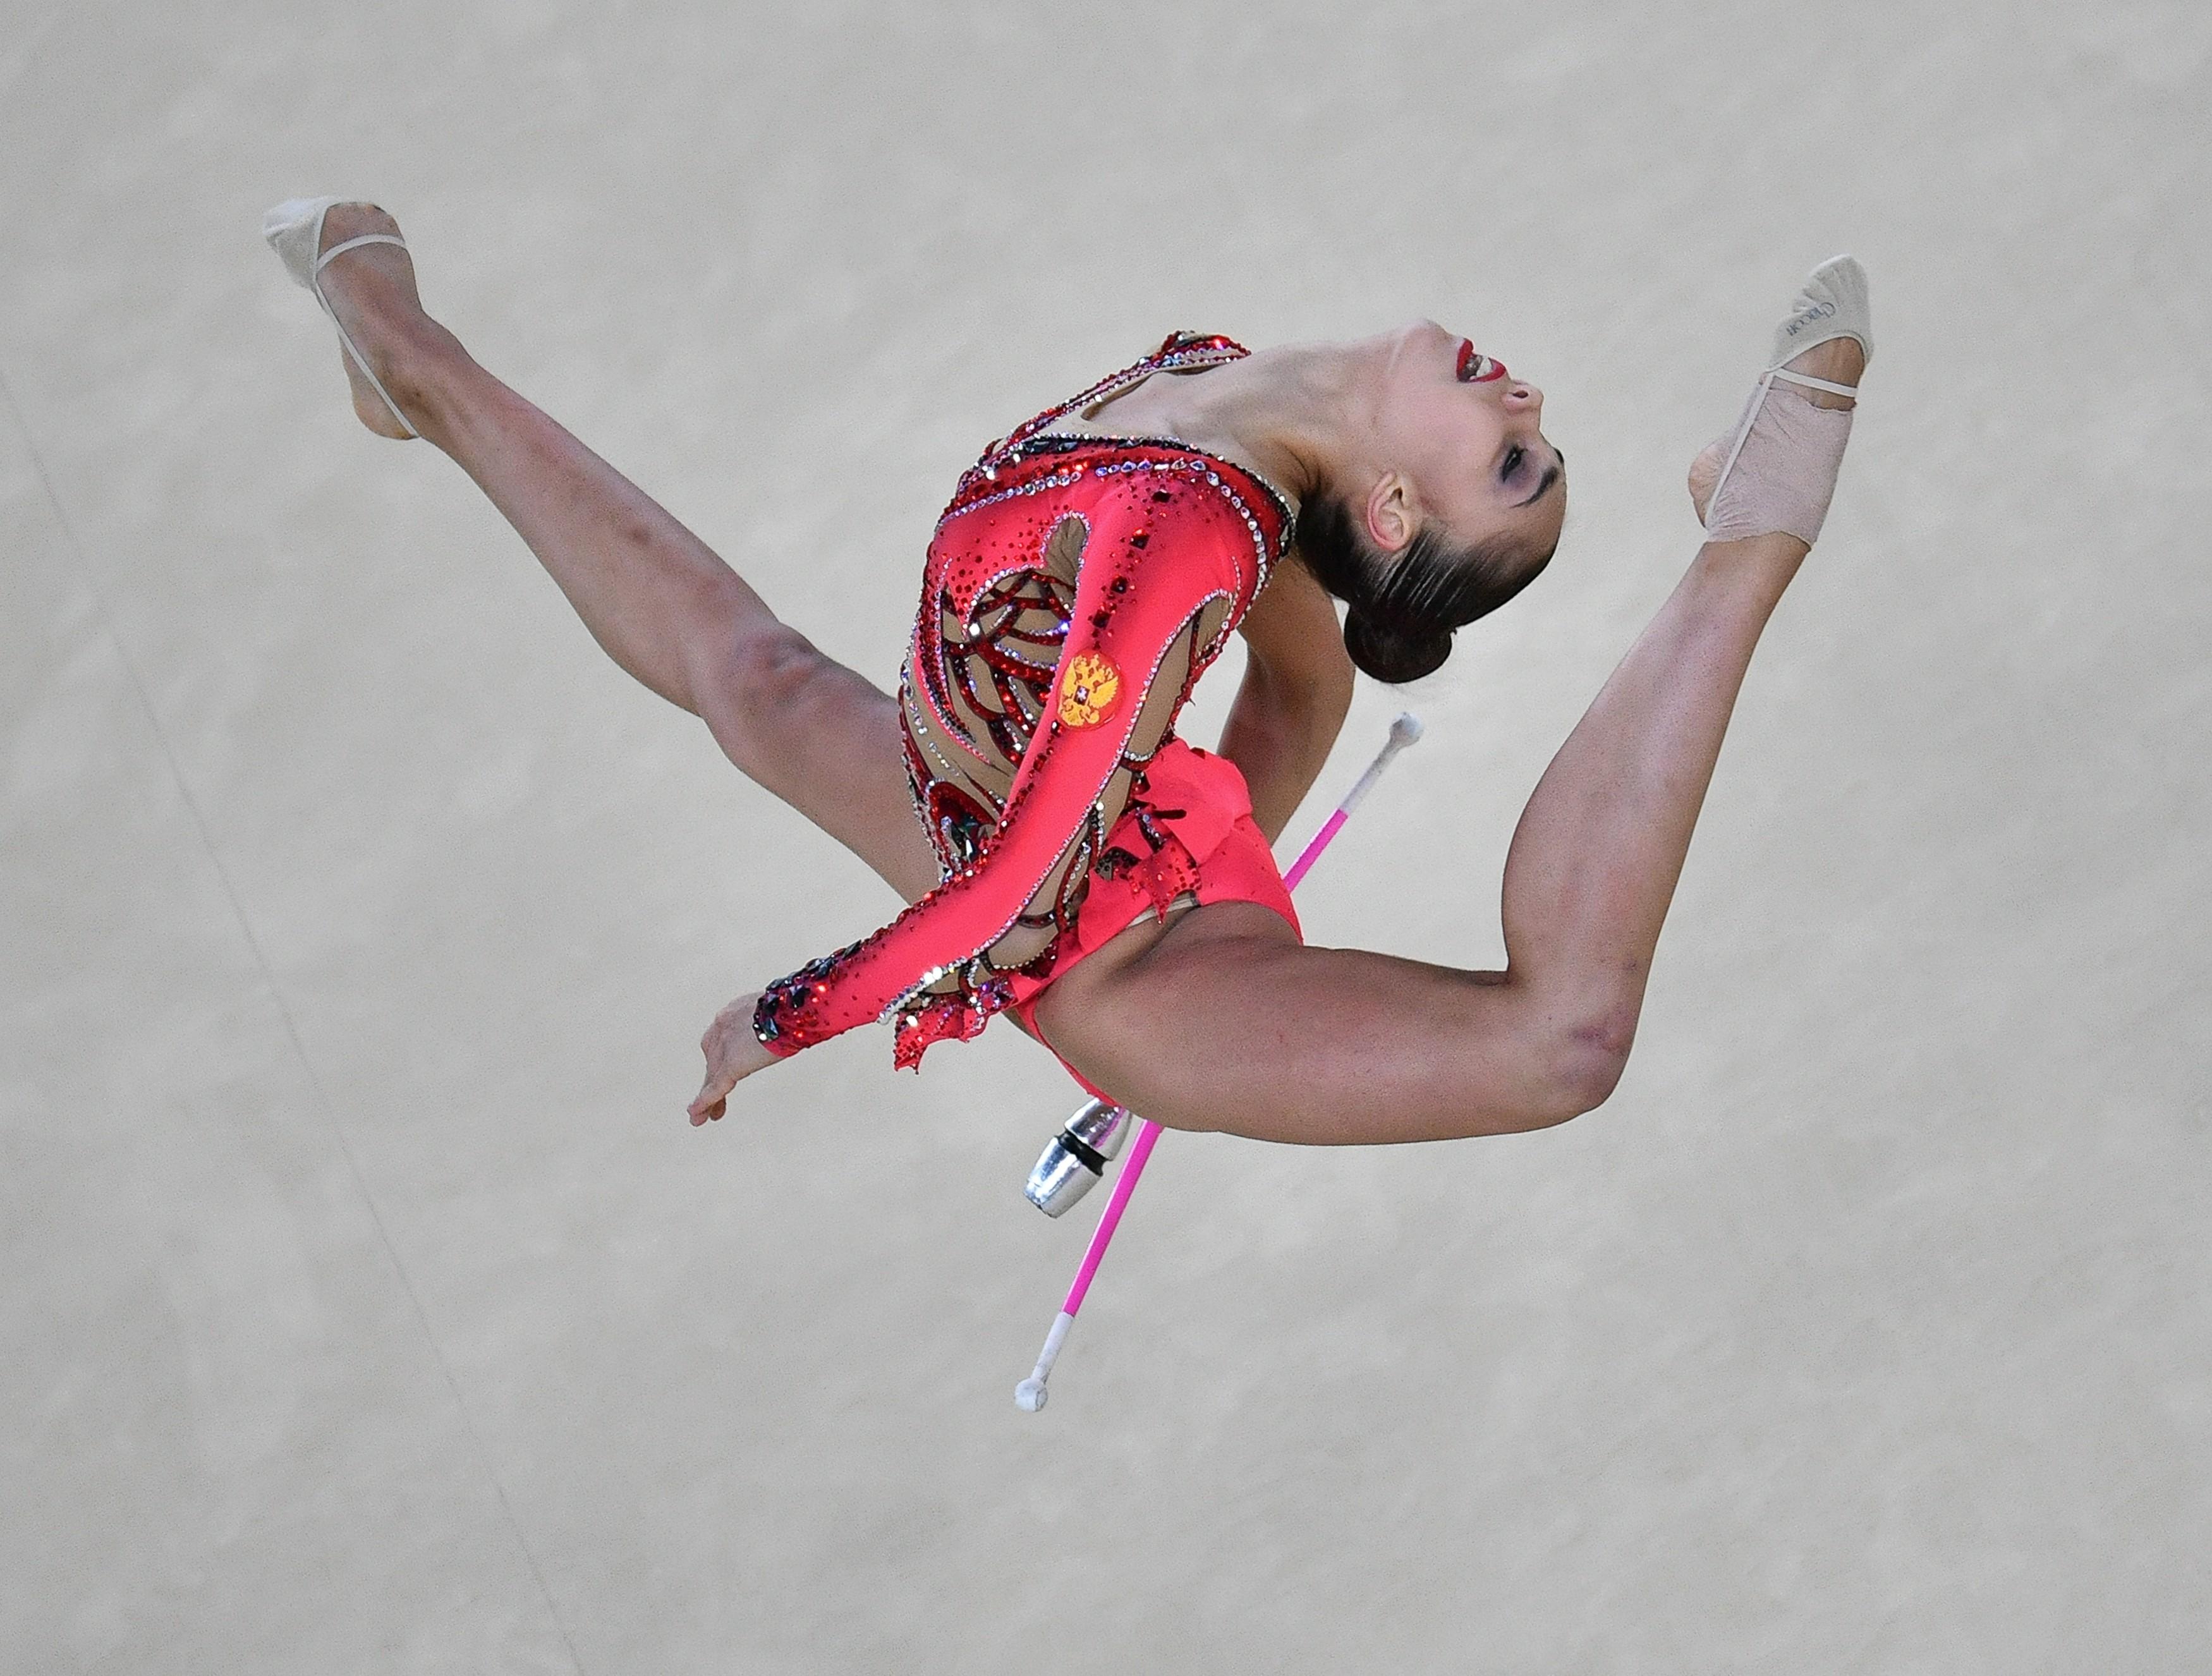 Фото: ©РИА Новости/Александр Вильф